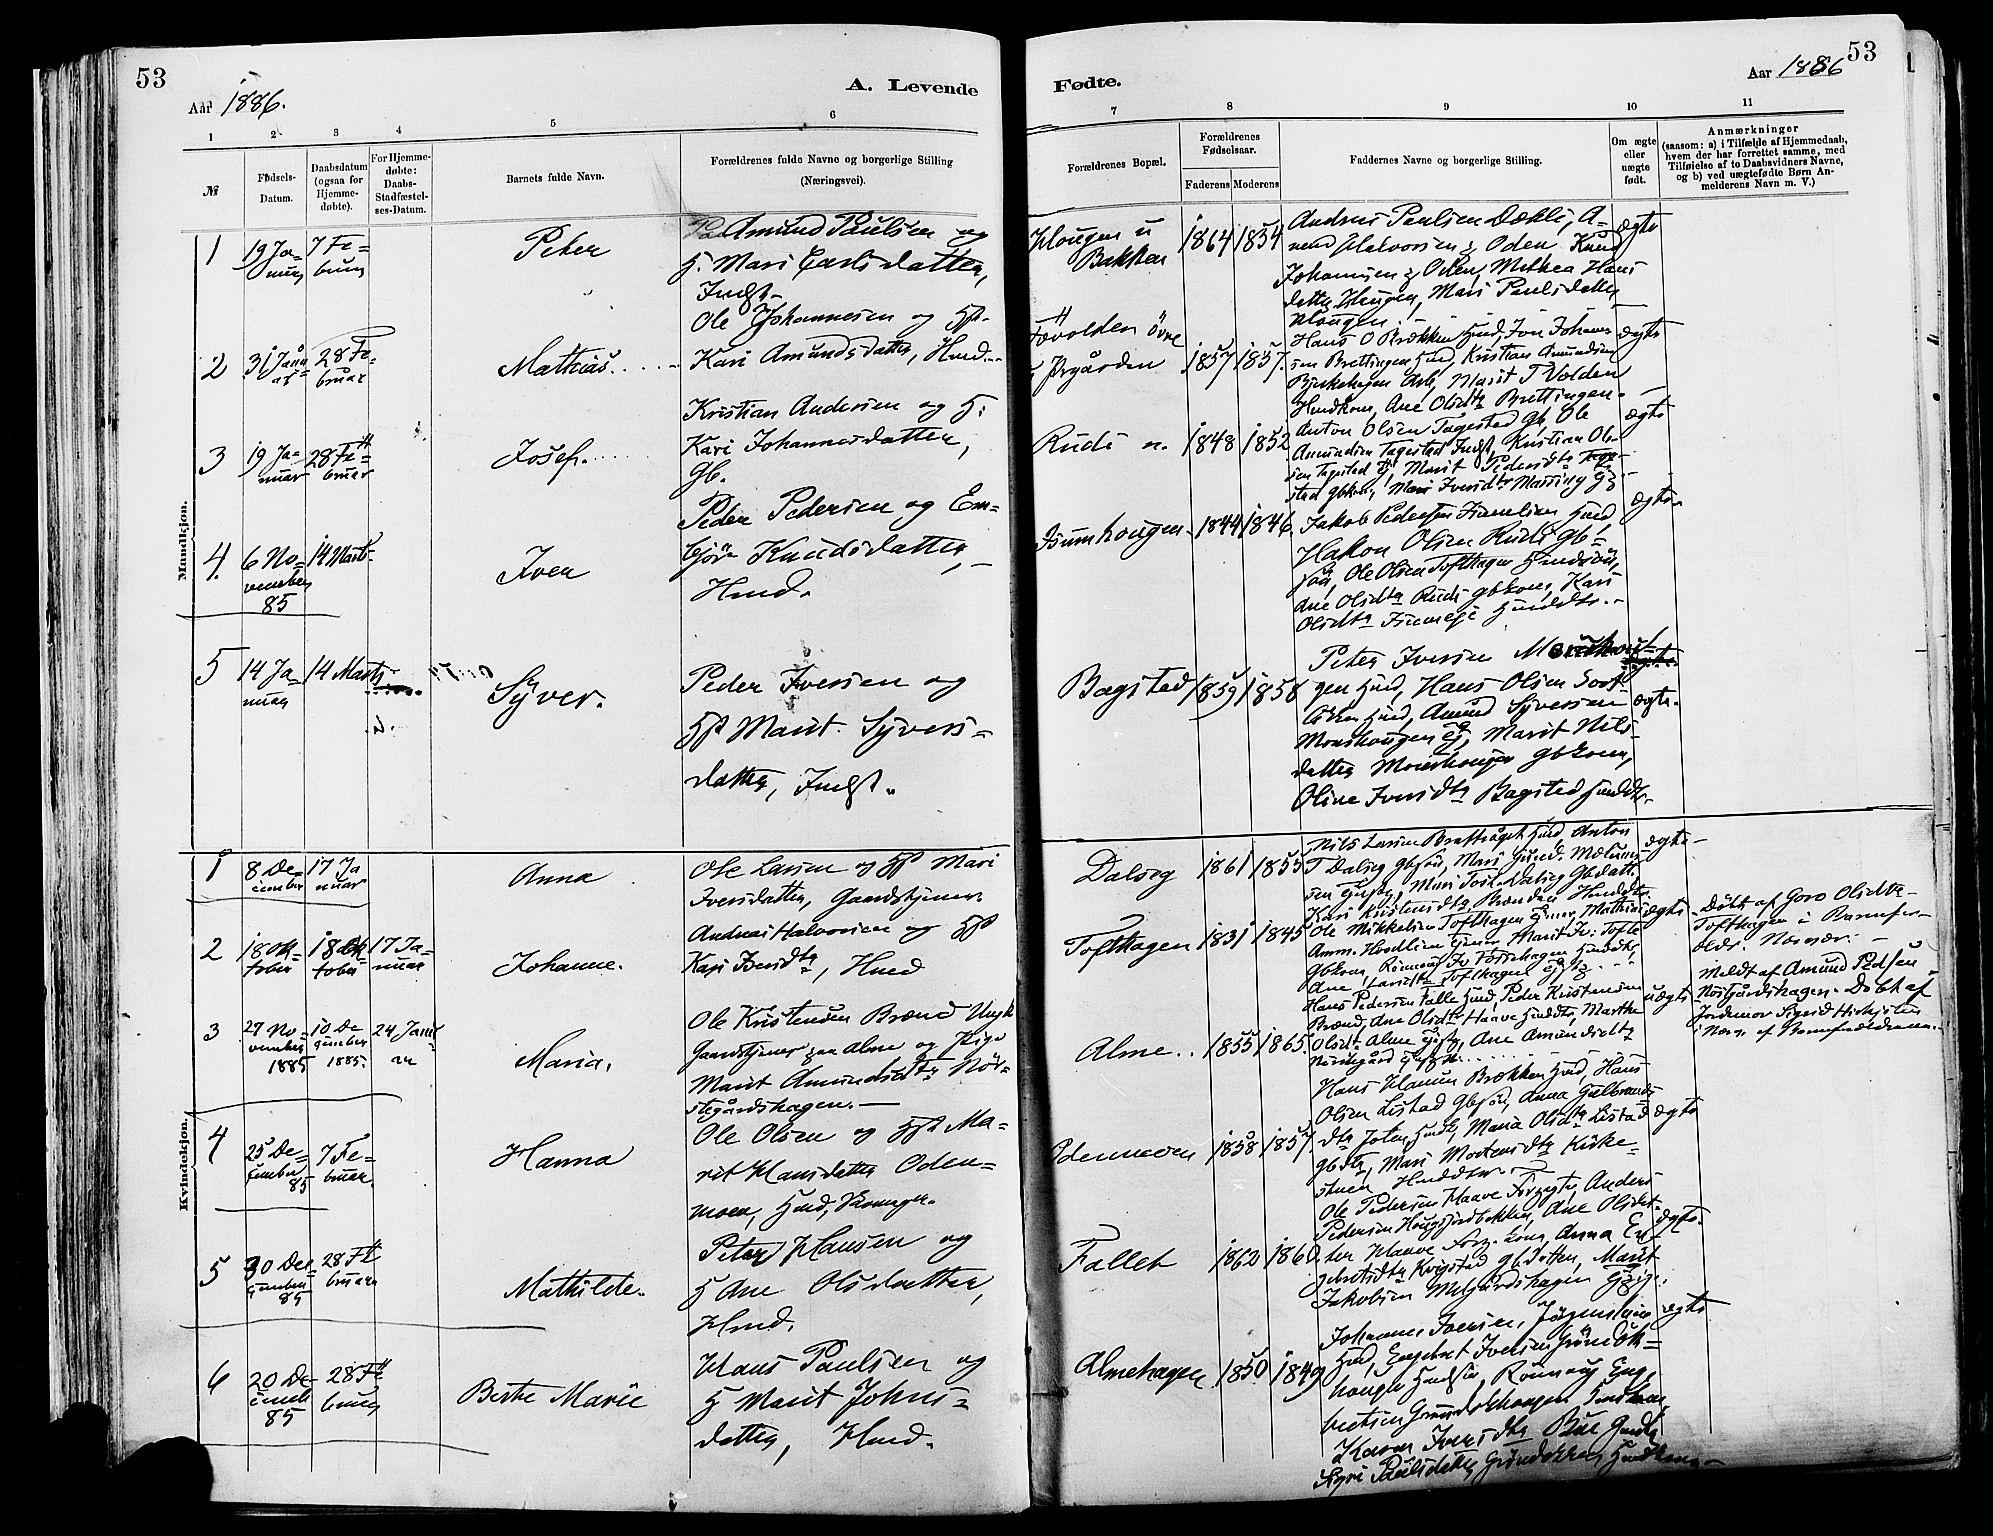 SAH, Sør-Fron prestekontor, H/Ha/Haa/L0003: Ministerialbok nr. 3, 1881-1897, s. 53